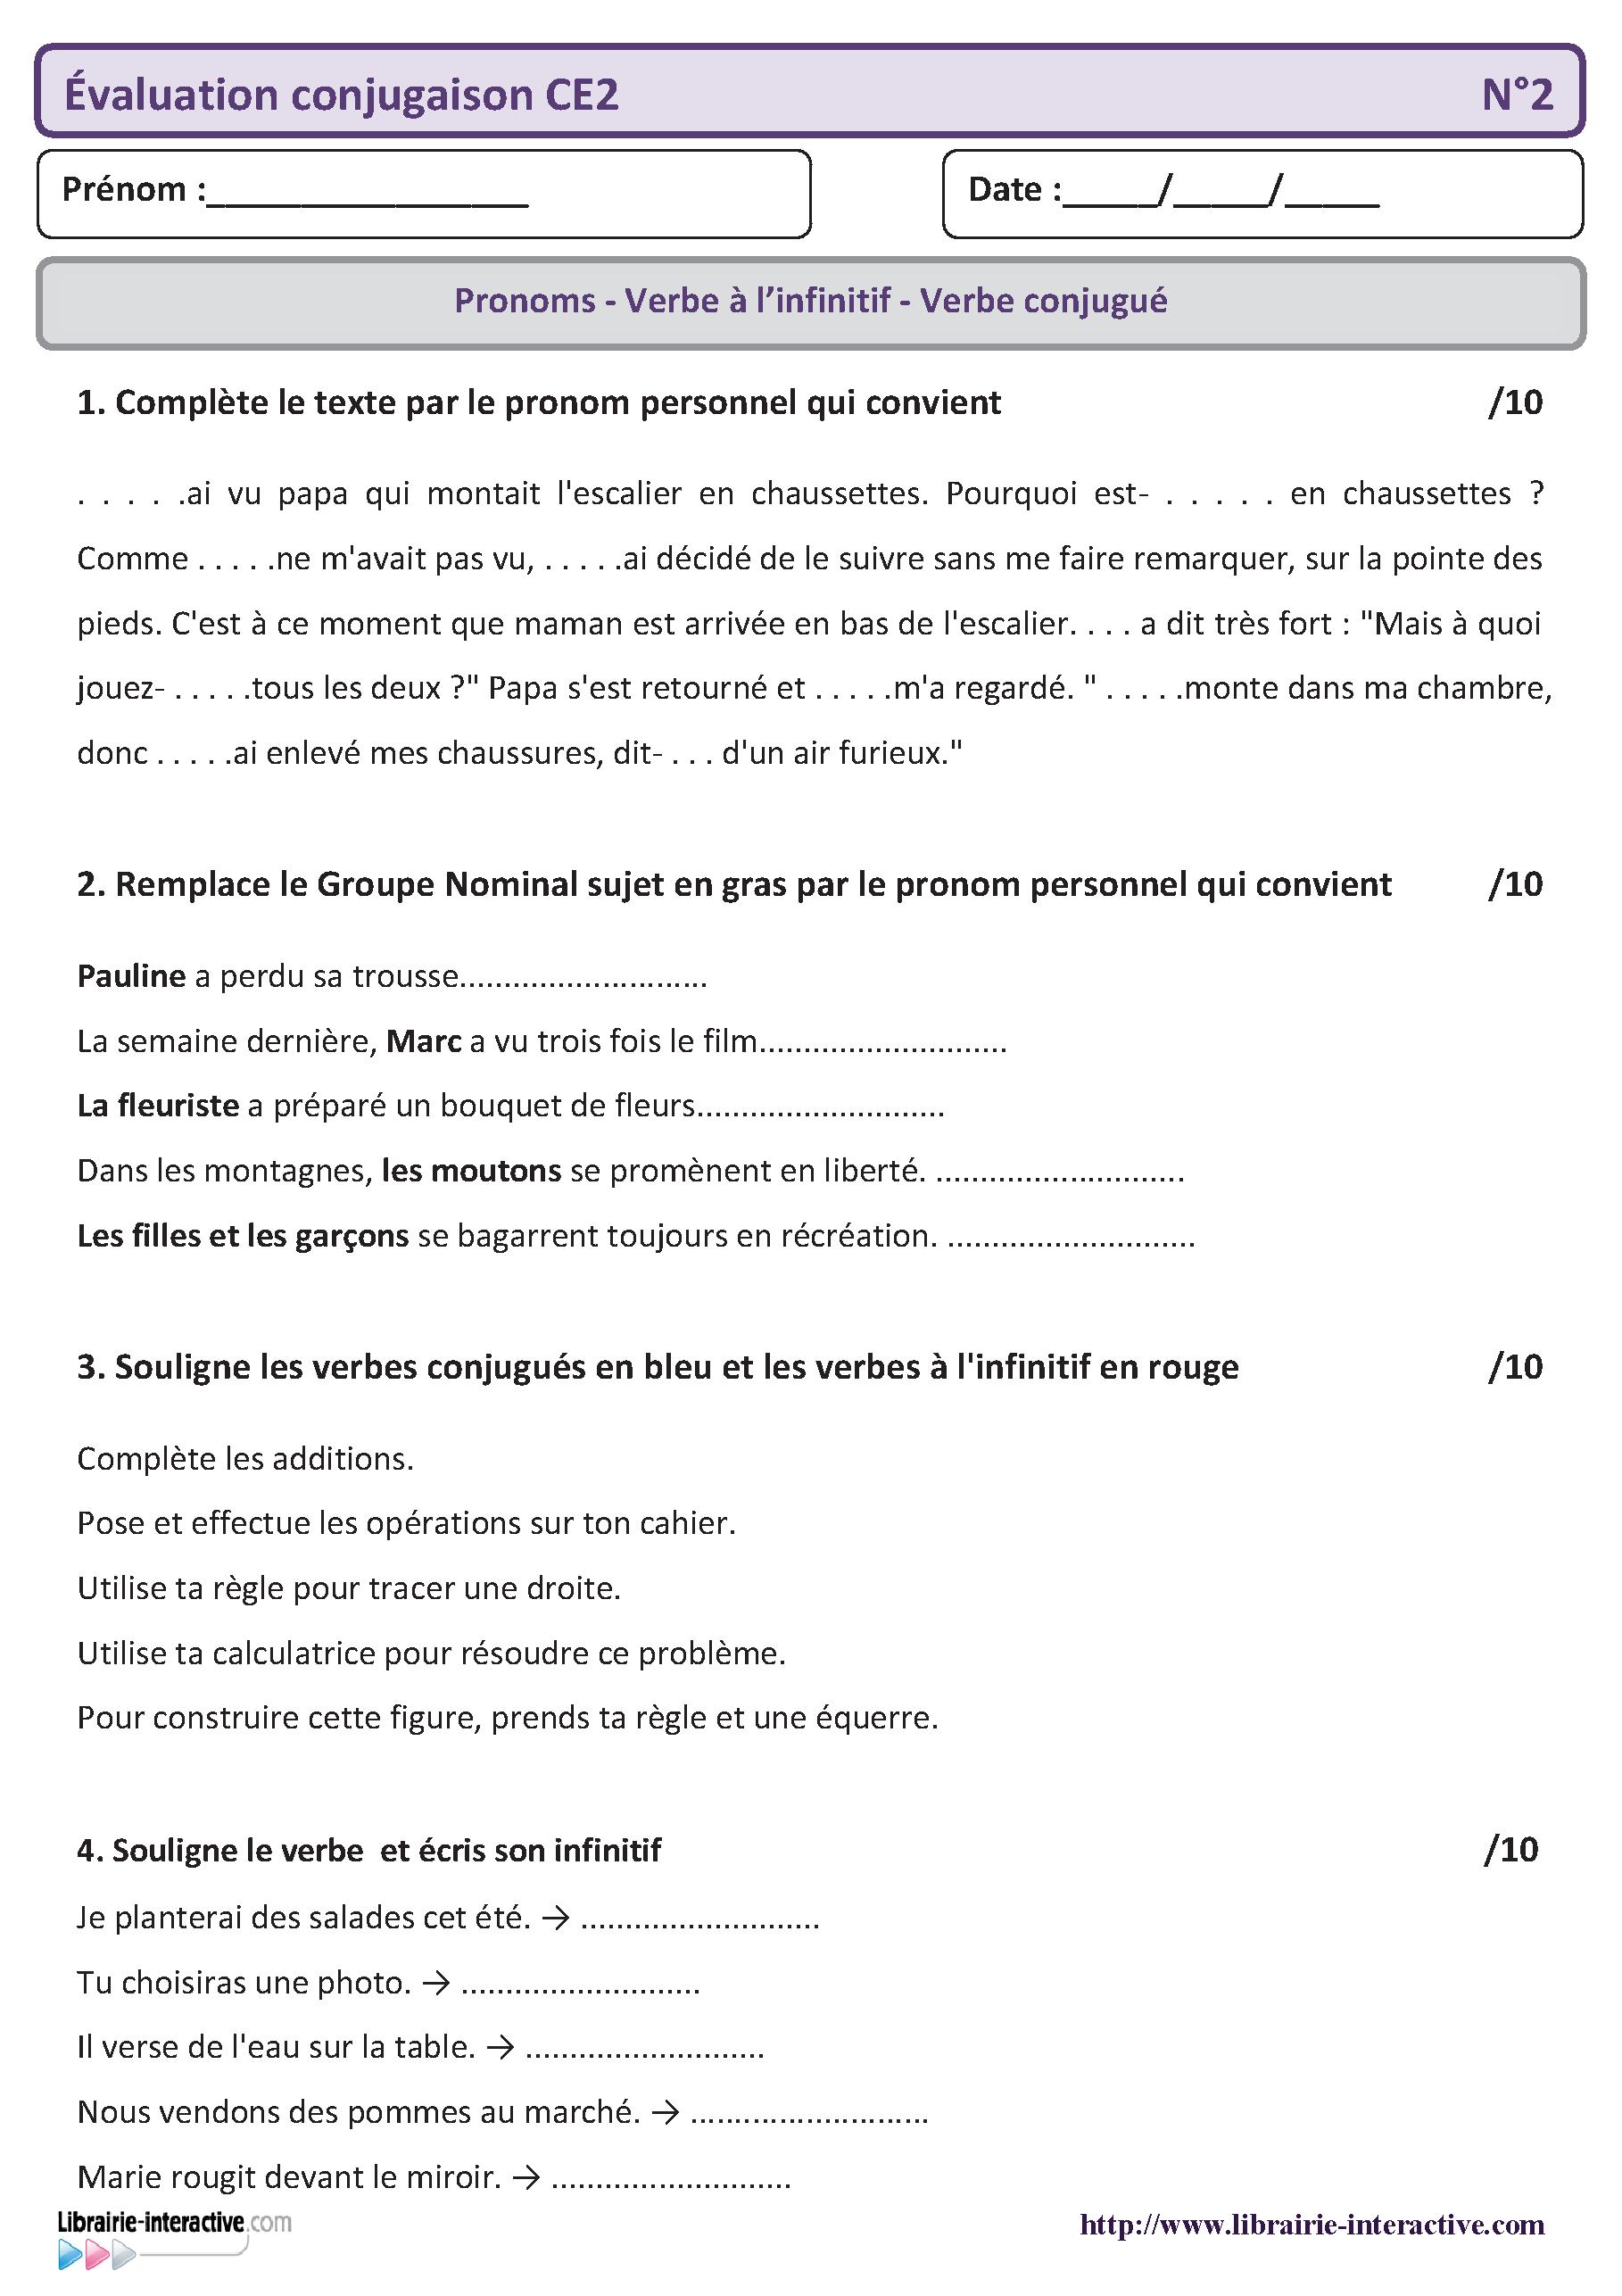 5 évaluations qui pourront servir de bilan en conjugaison pour le ...